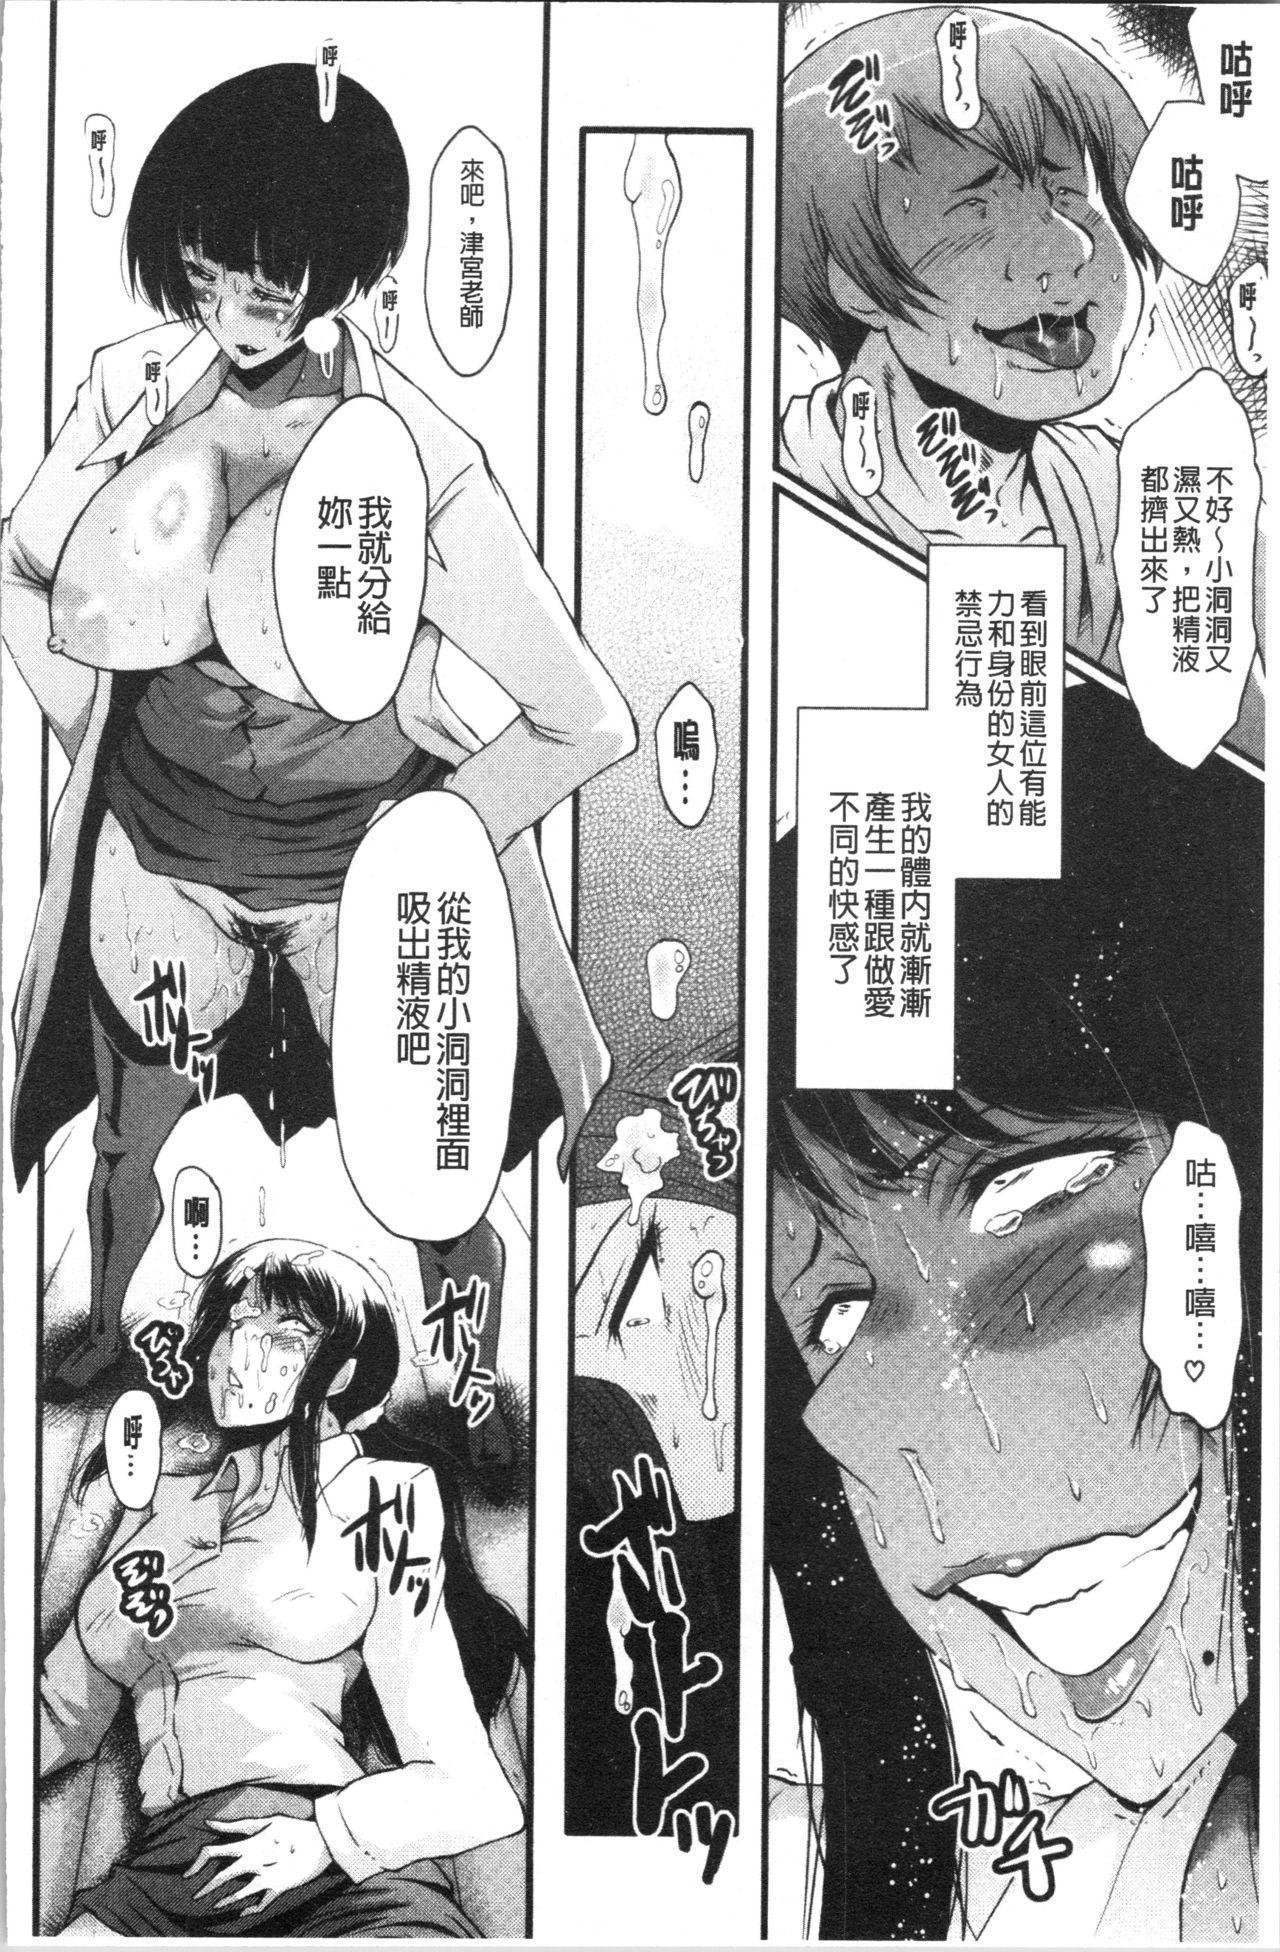 Bokuno Kanojo ga Kusogaki ni Netorareta Hanashi 121